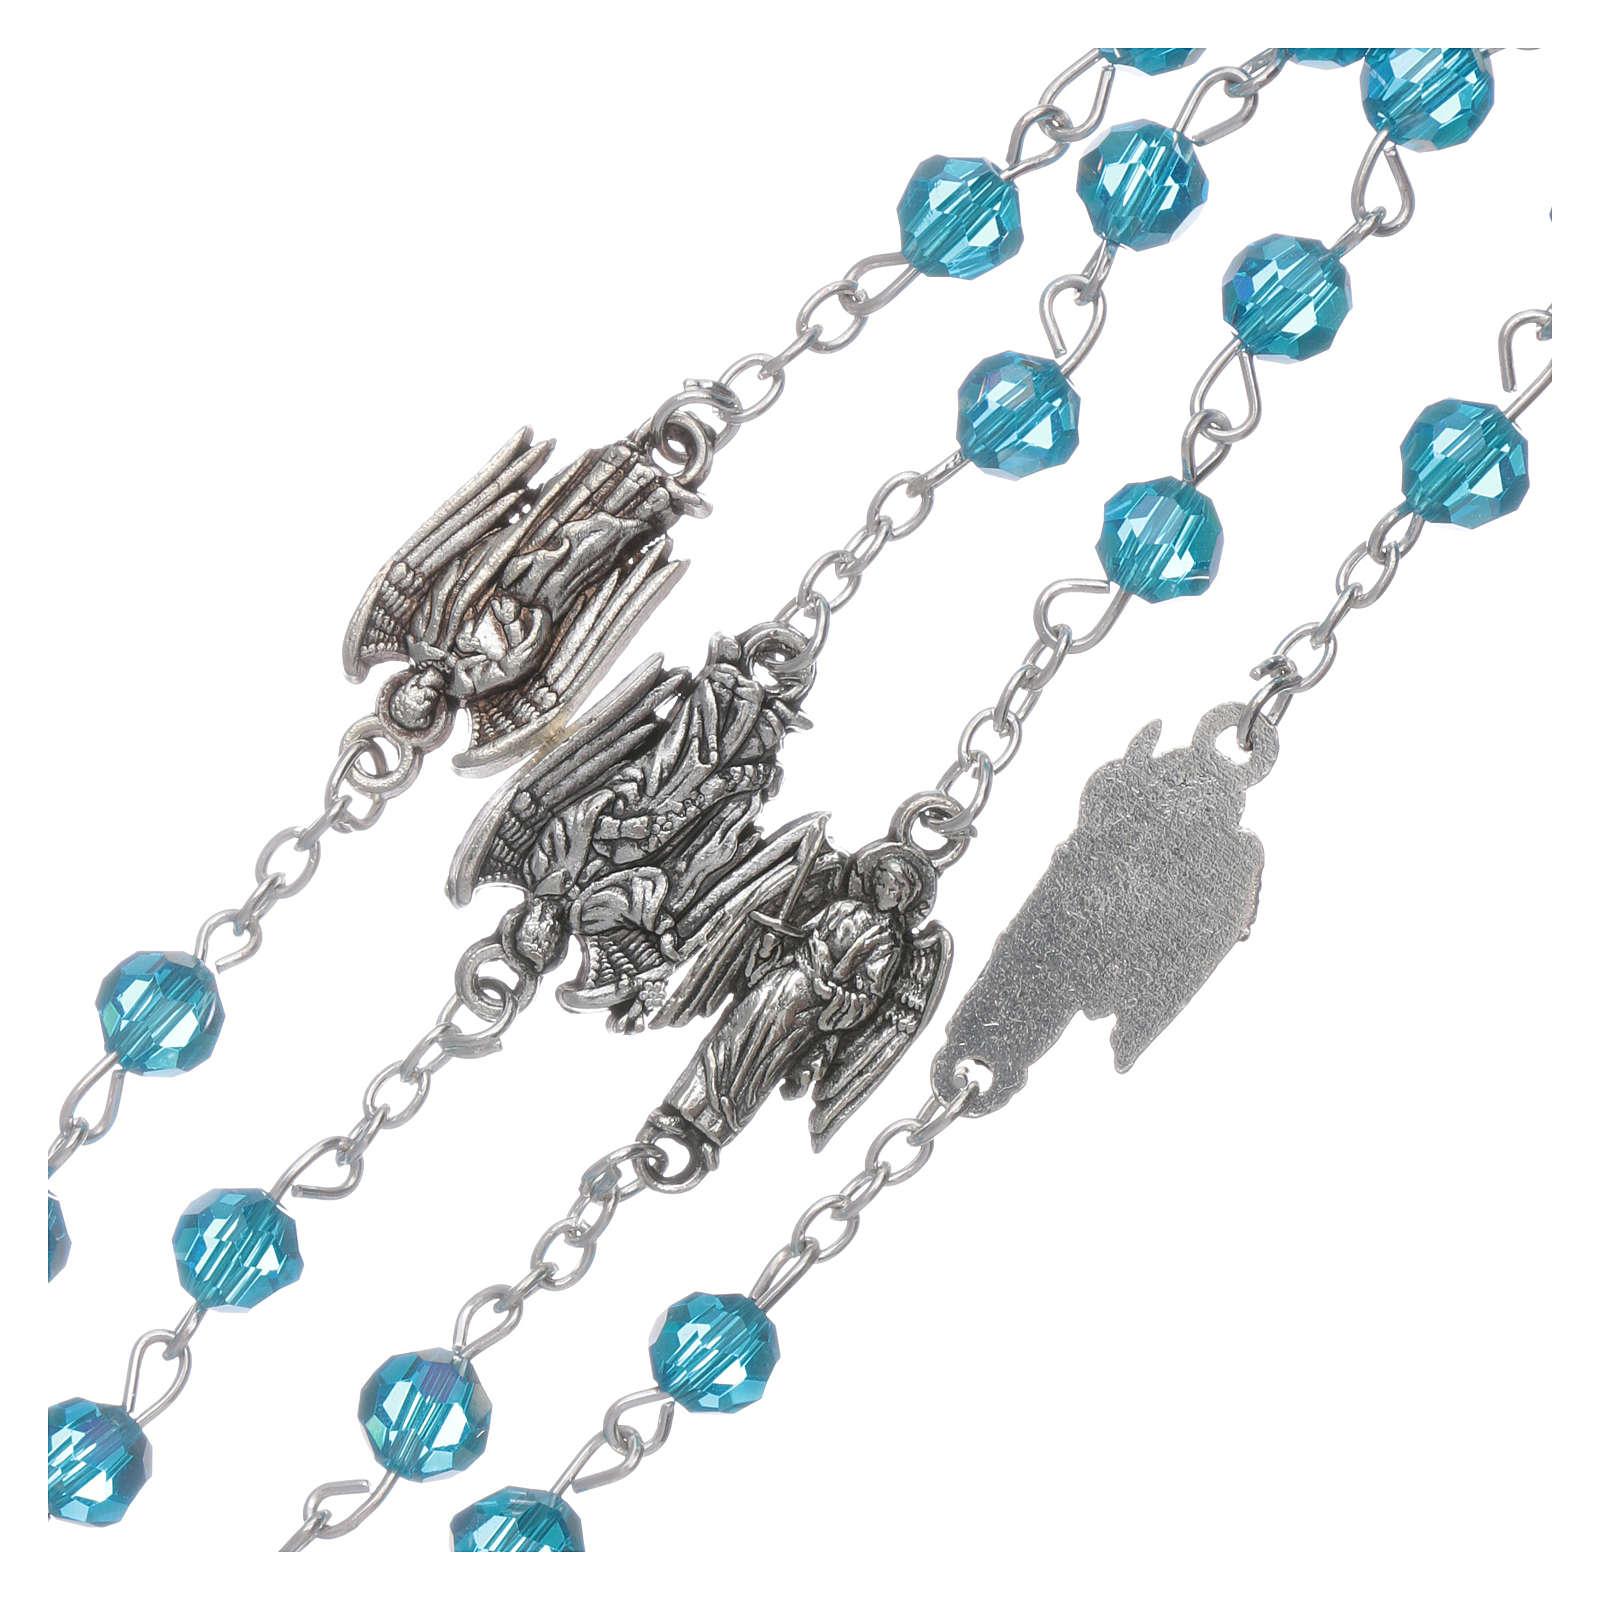 Chapelet Archanges cristal bleu clair avec grains 6 mm 4